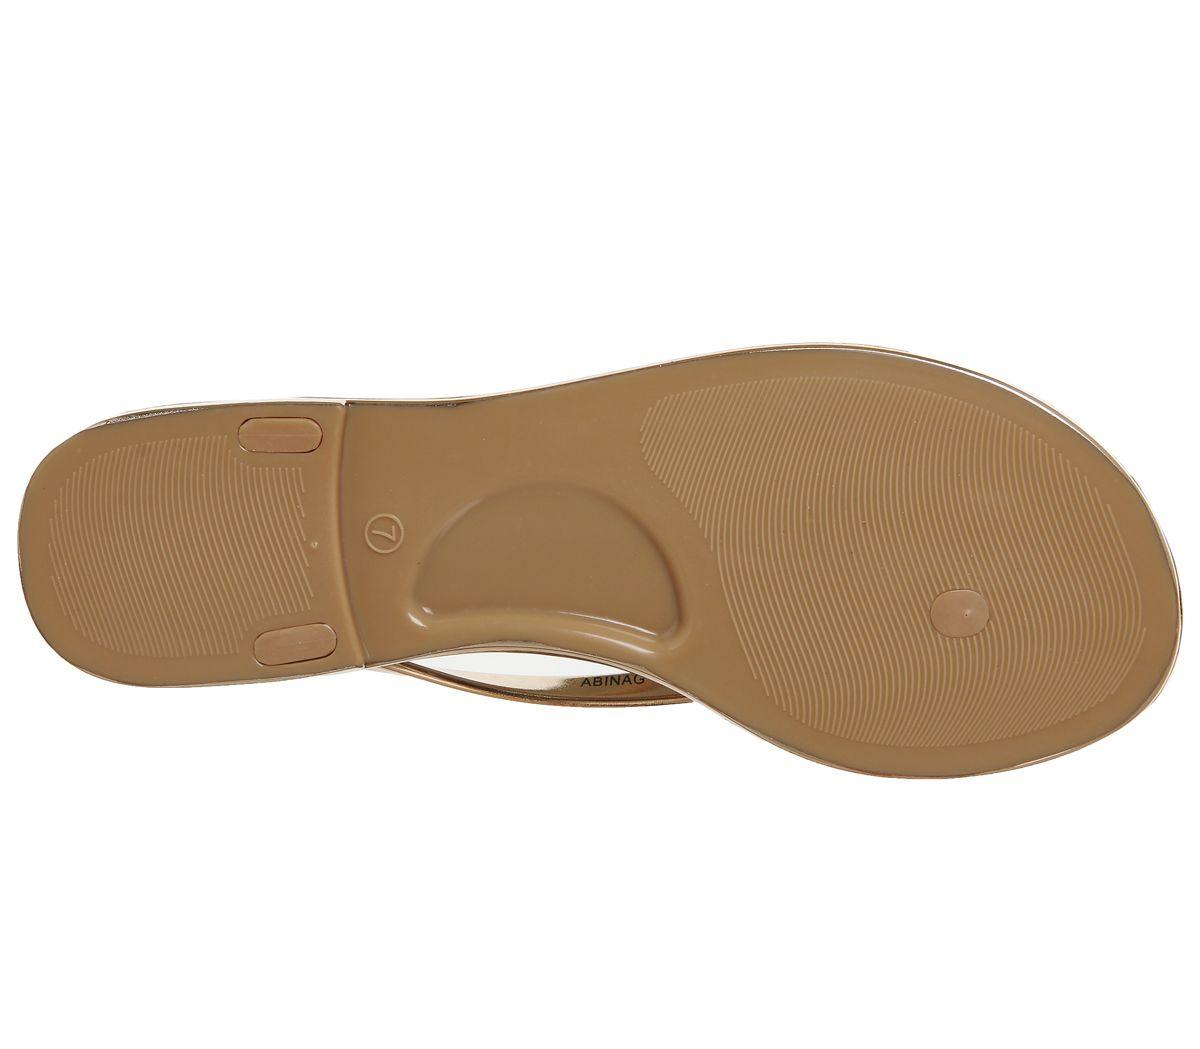 67d1035dd Ted Baker Glamari Flip Flops Rose Gold - Sandals